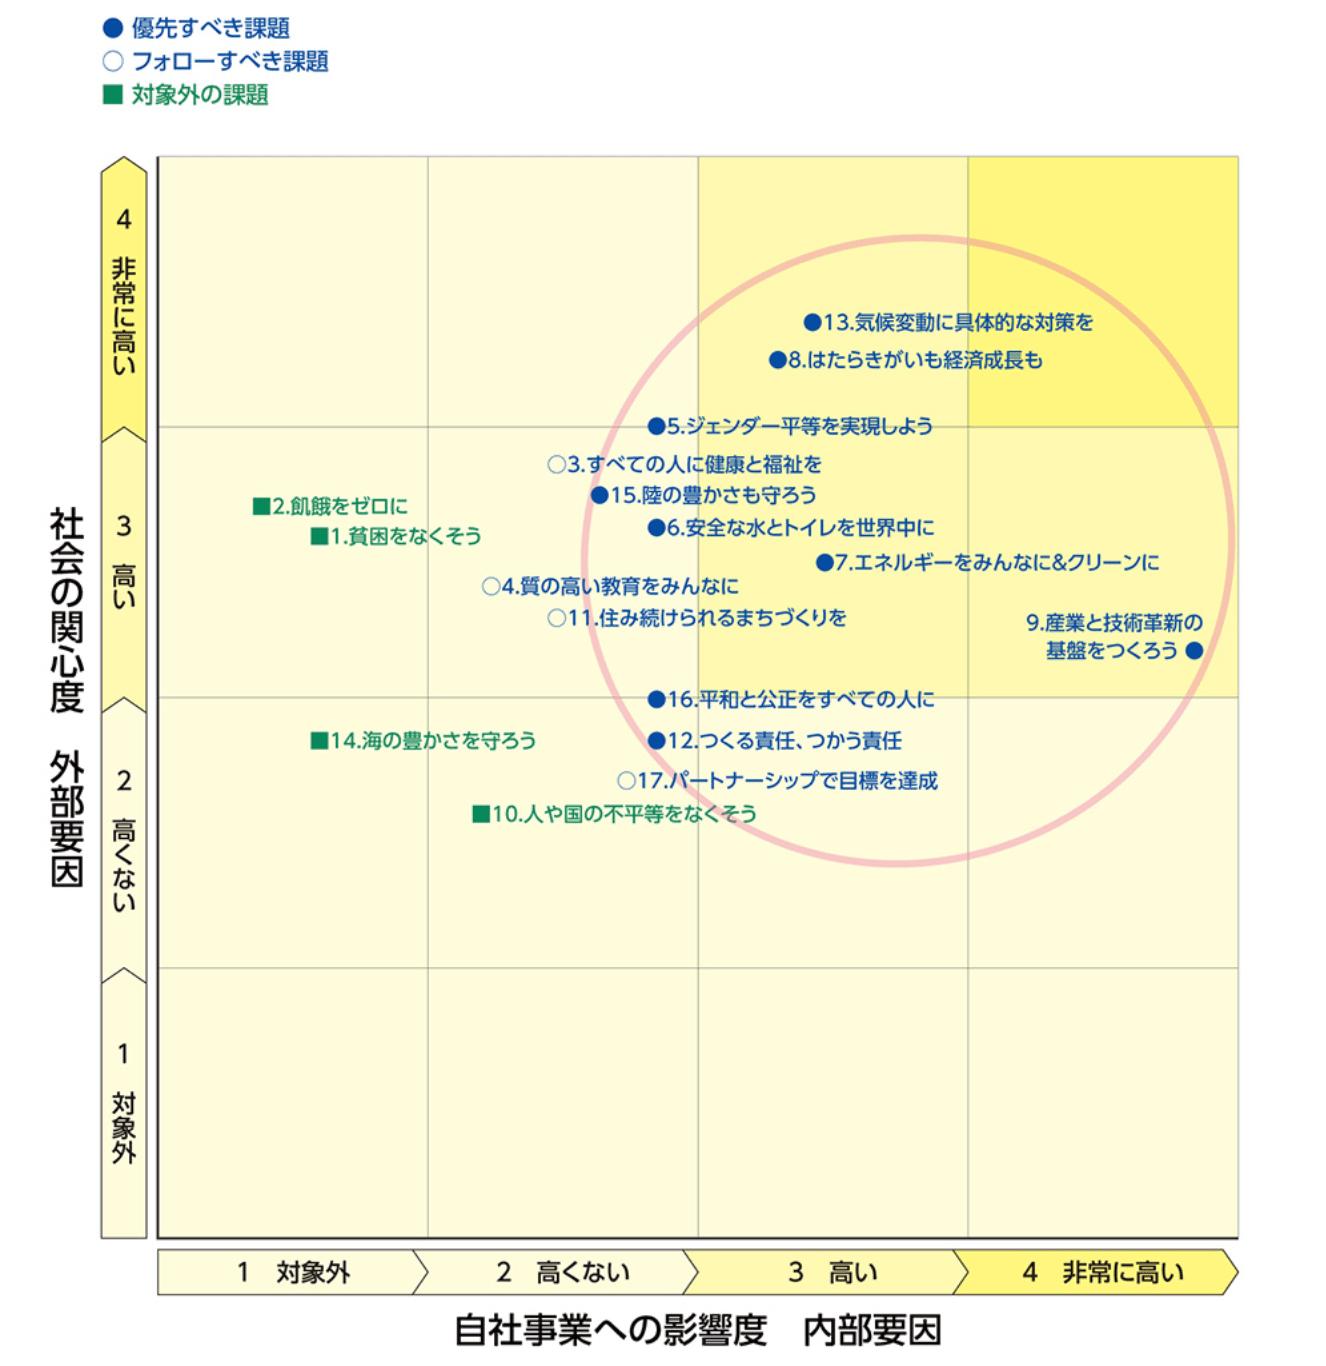 マテリアリティ・マトリックス分析を使い、SDGsの各目標を「ステークホルダーの関心事」及び「自社事業への影響度」の2軸で検討